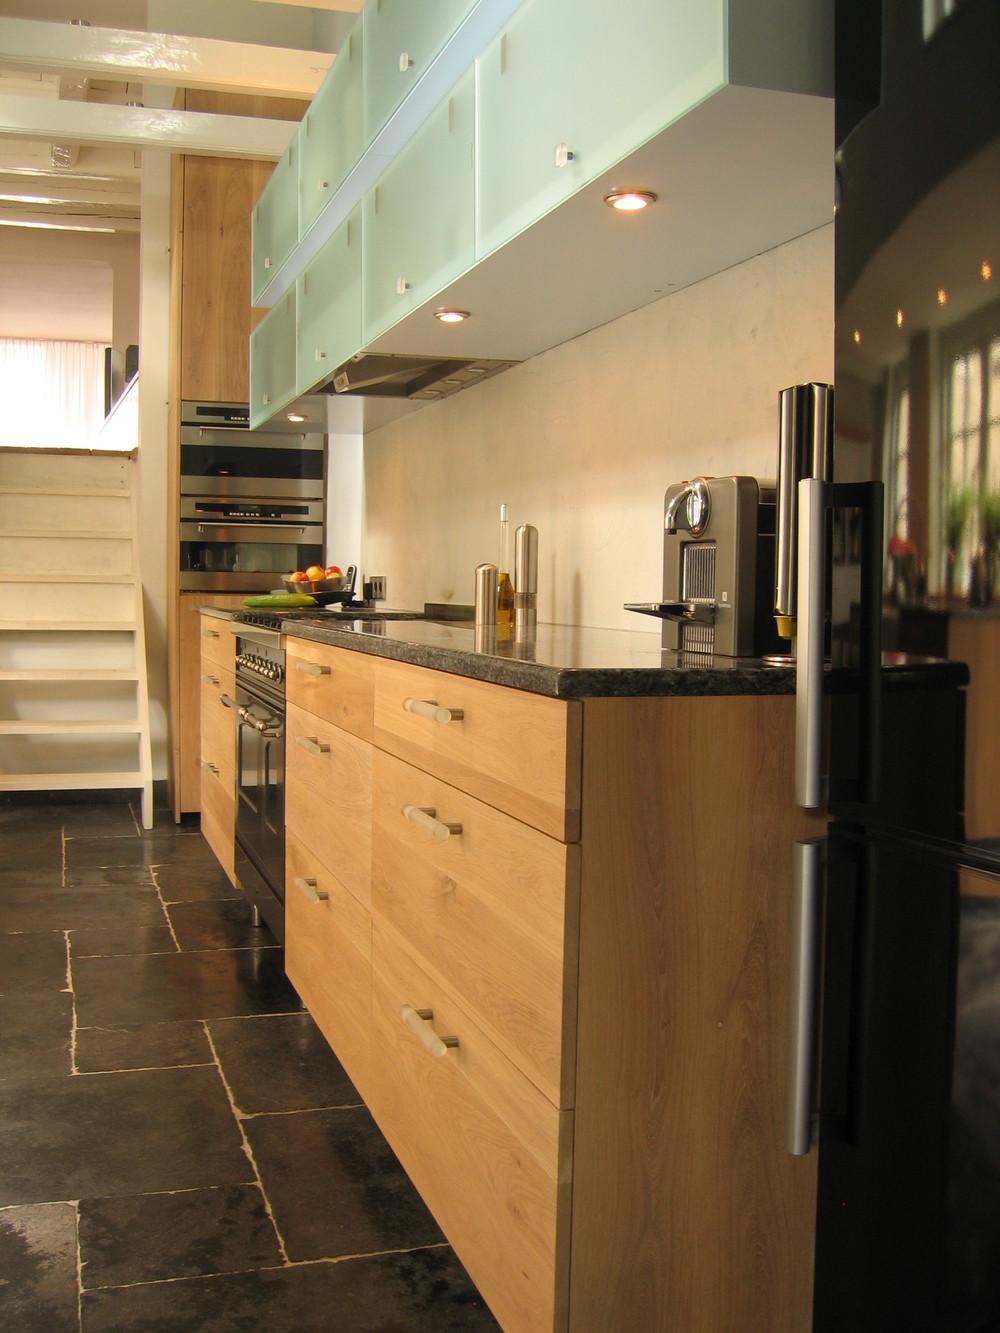 diepe, volledig uittrekbare lades, een dubbele rij hangkasten met klepfronten van matglas